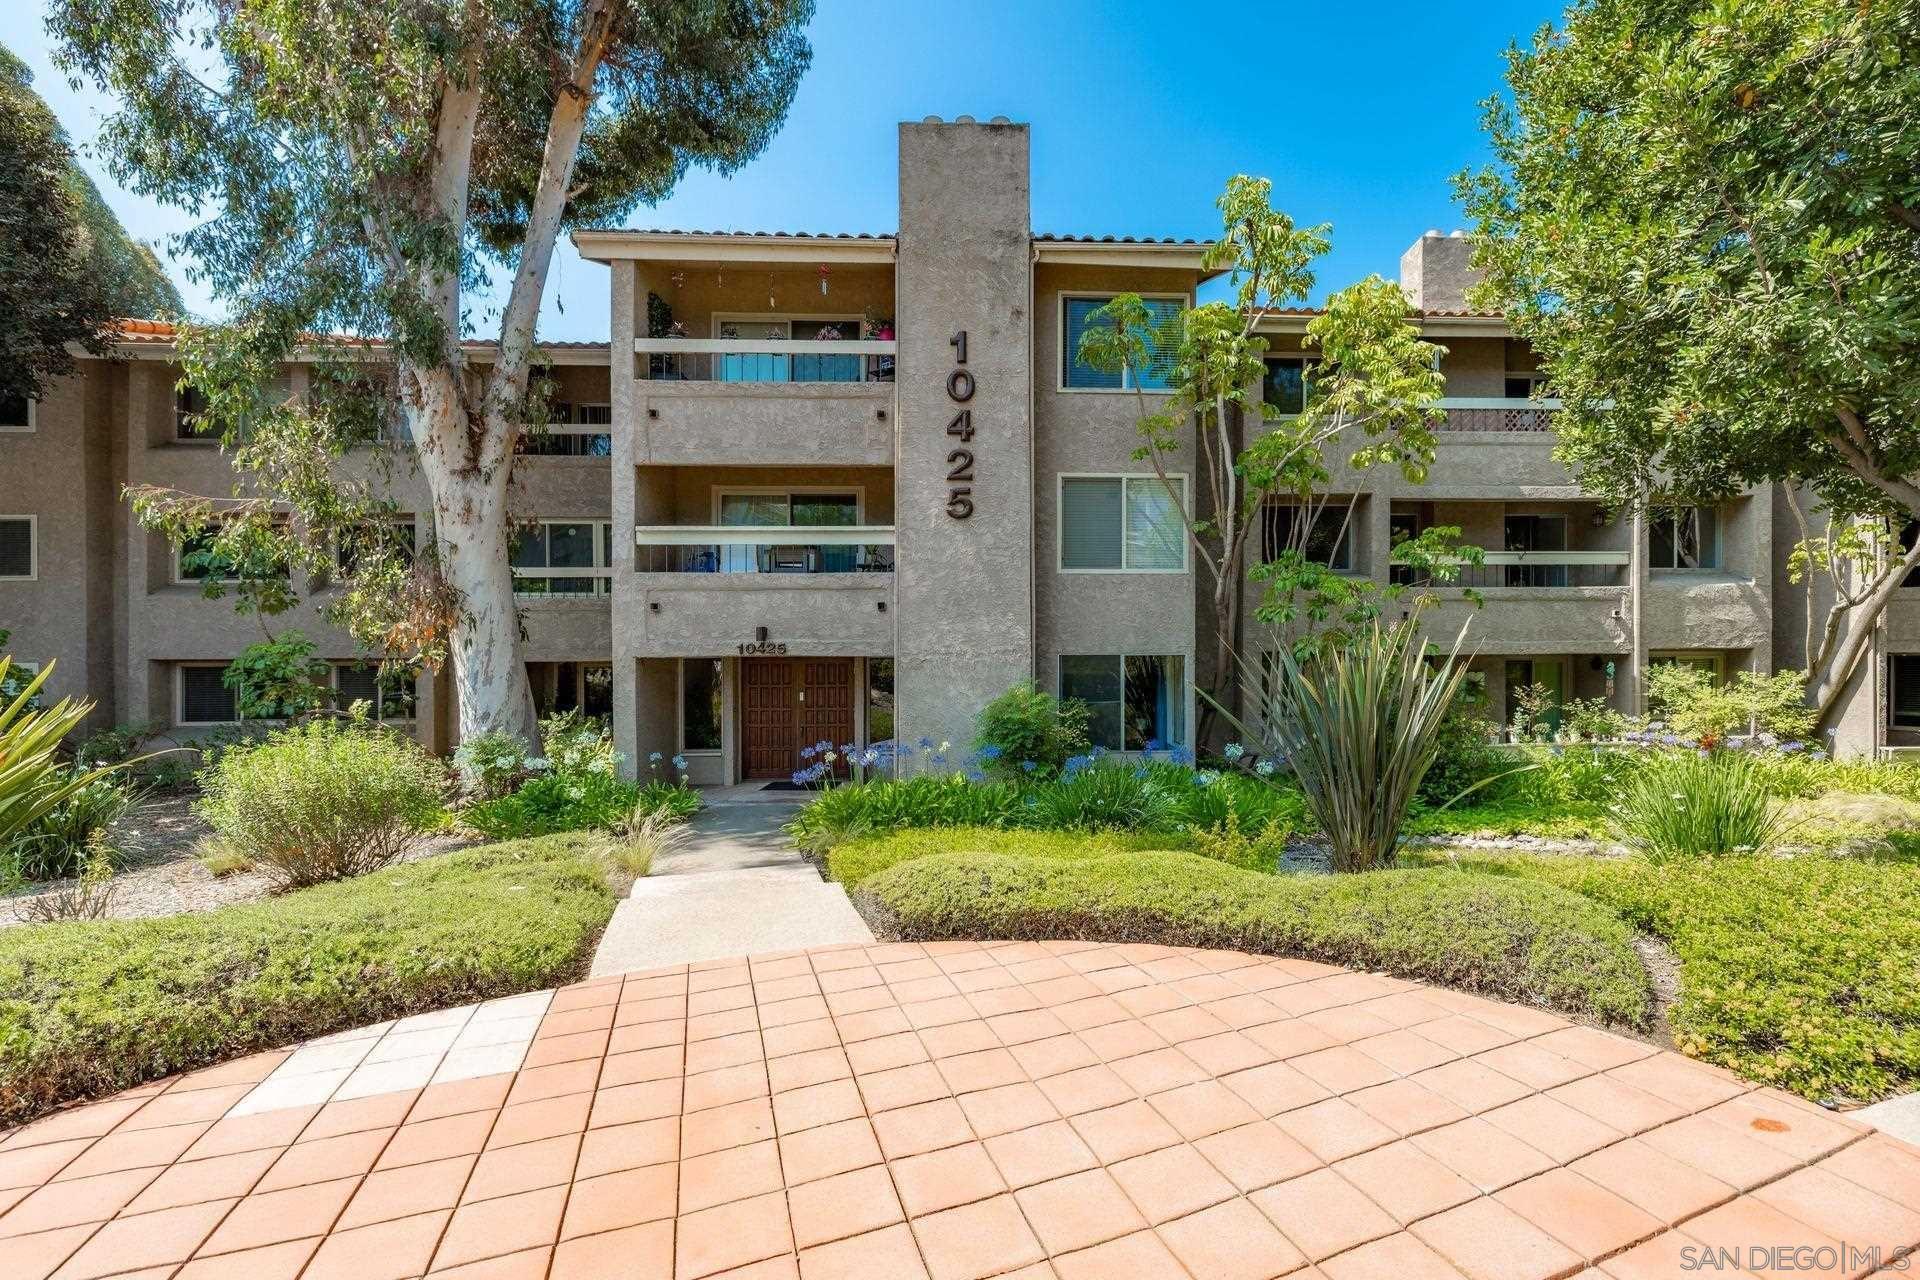 10425 Caminito Cuervo #224, San Diego, CA 92108 - MLS#: 210020237